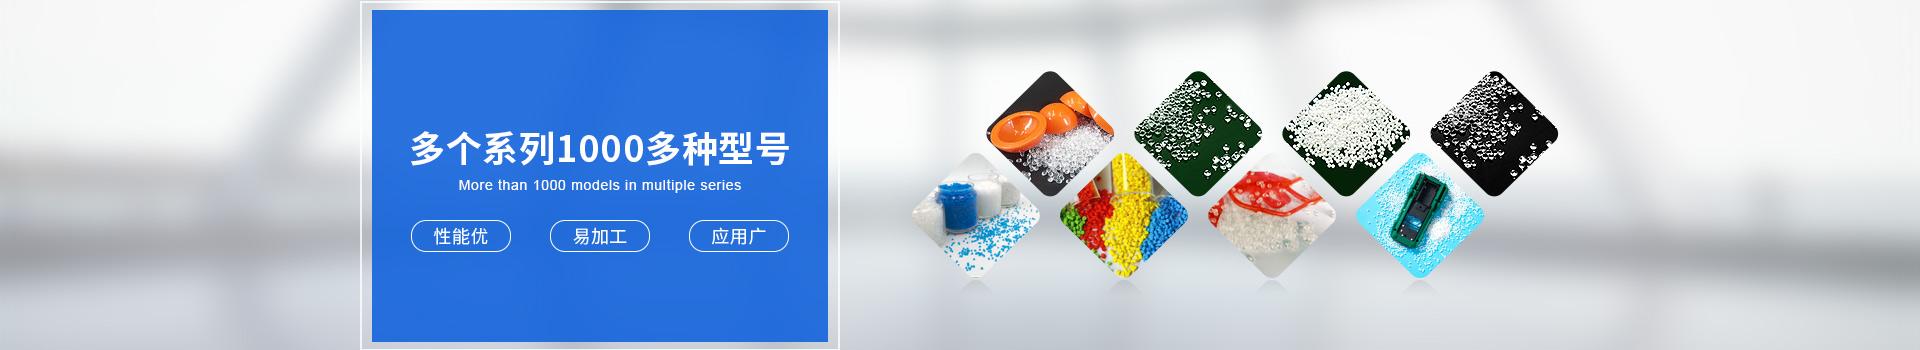 国丰橡塑产品中心